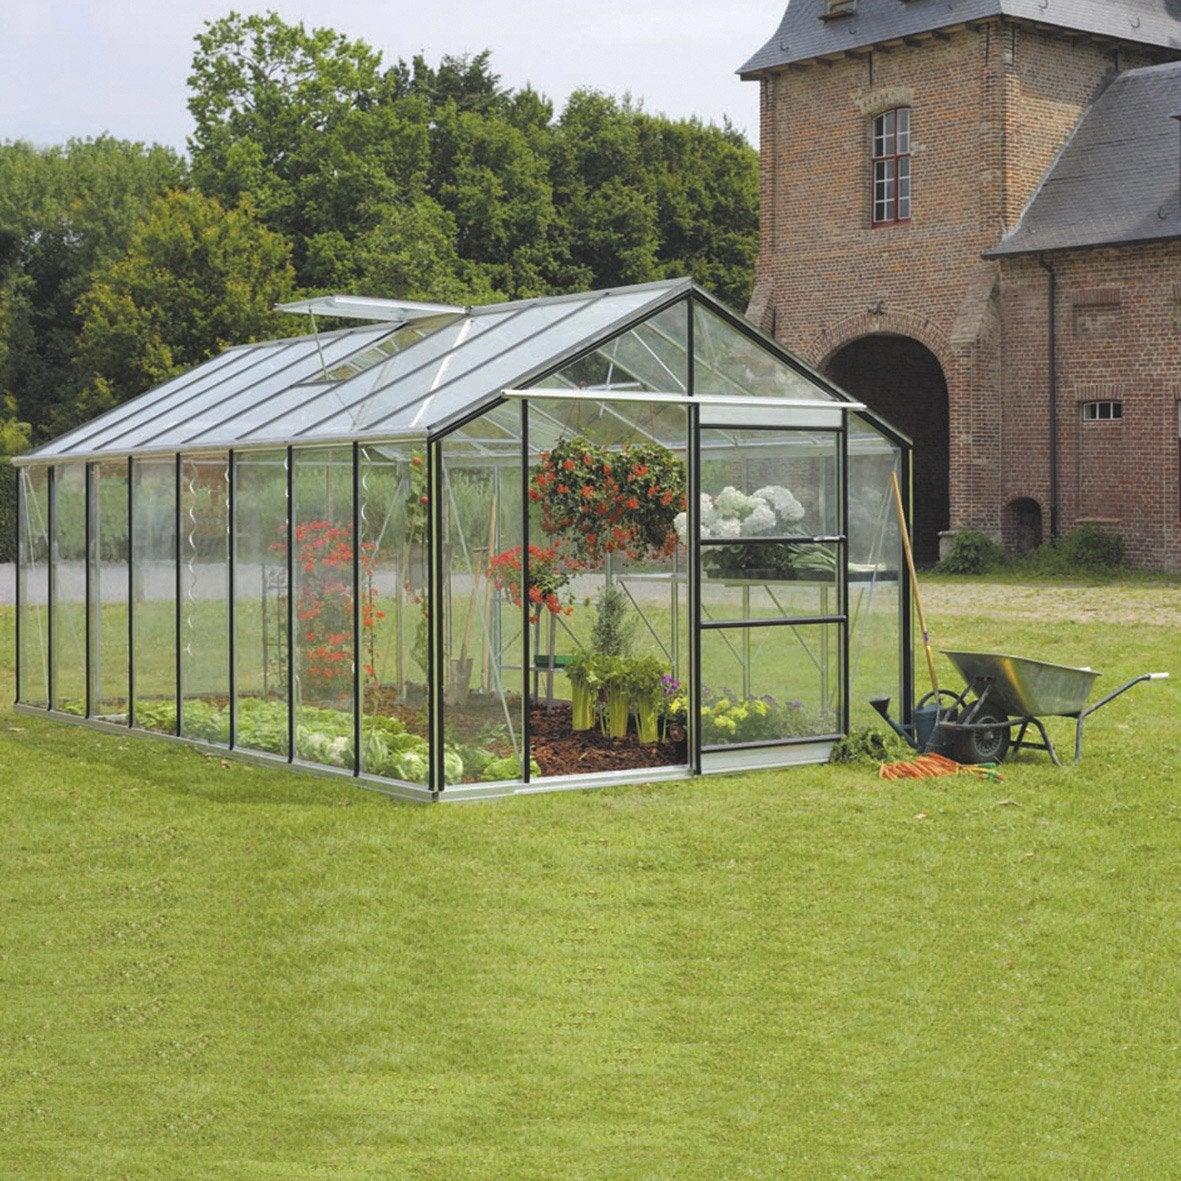 Serre De Jardin En Verre Trempé Affinity, 18.236 M² à Serre Rigide Jardin